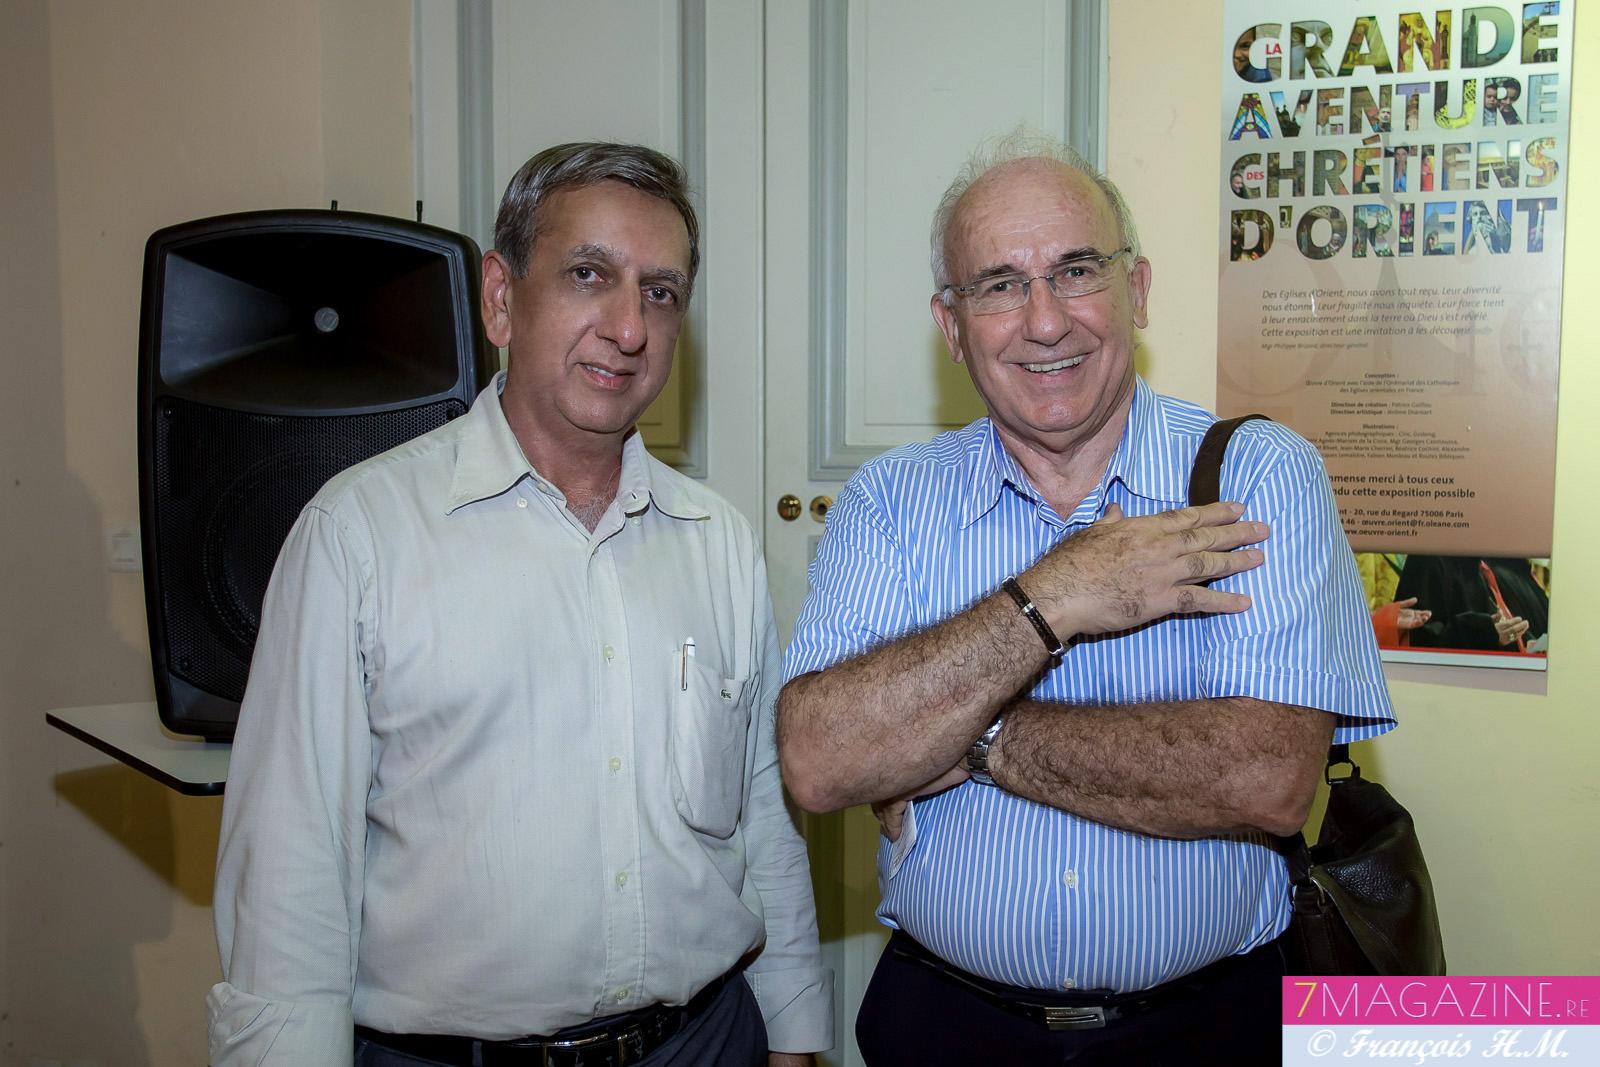 Aziz Patel de 7Magazine.re et Guy Bouvard, président du CRIJ (Centre Régional Information Jeunesse)